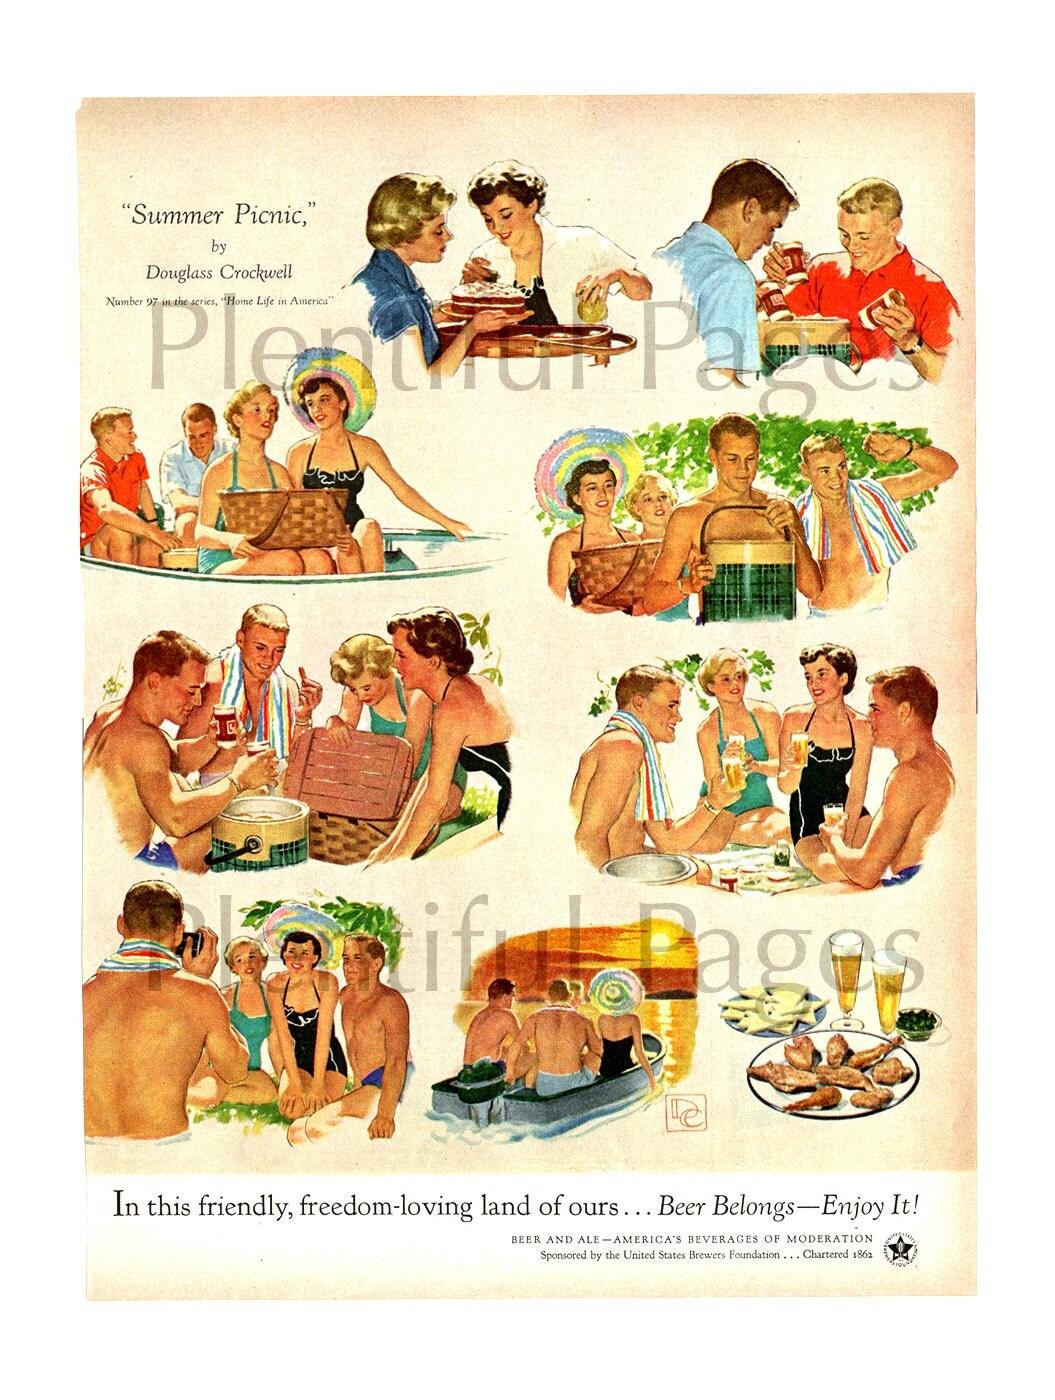 1950's Beer Belongs Vintage Ad Illustration